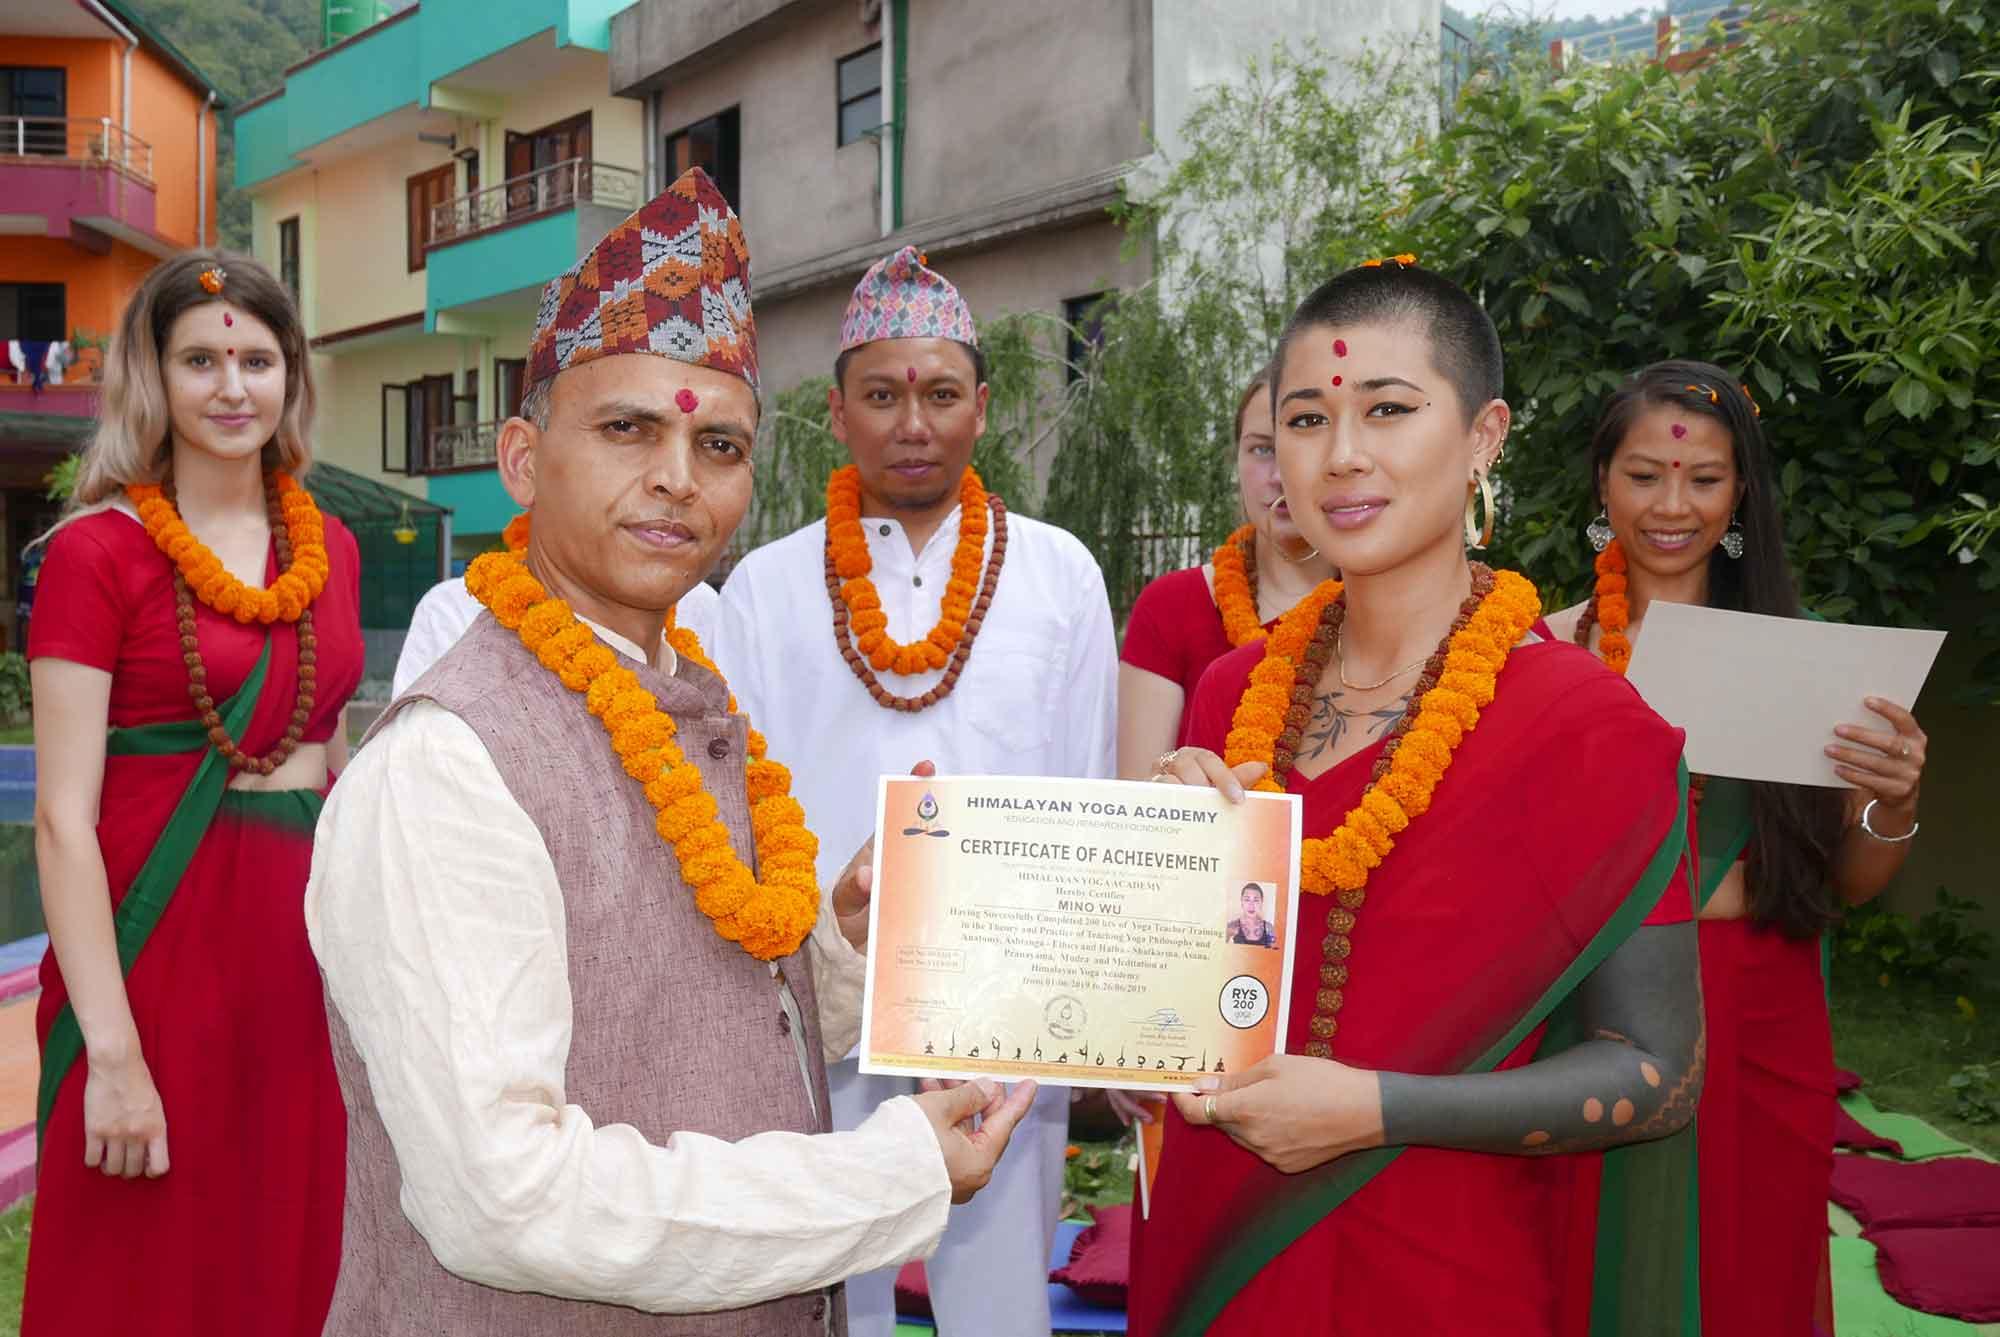 Guru Purnima & Guru